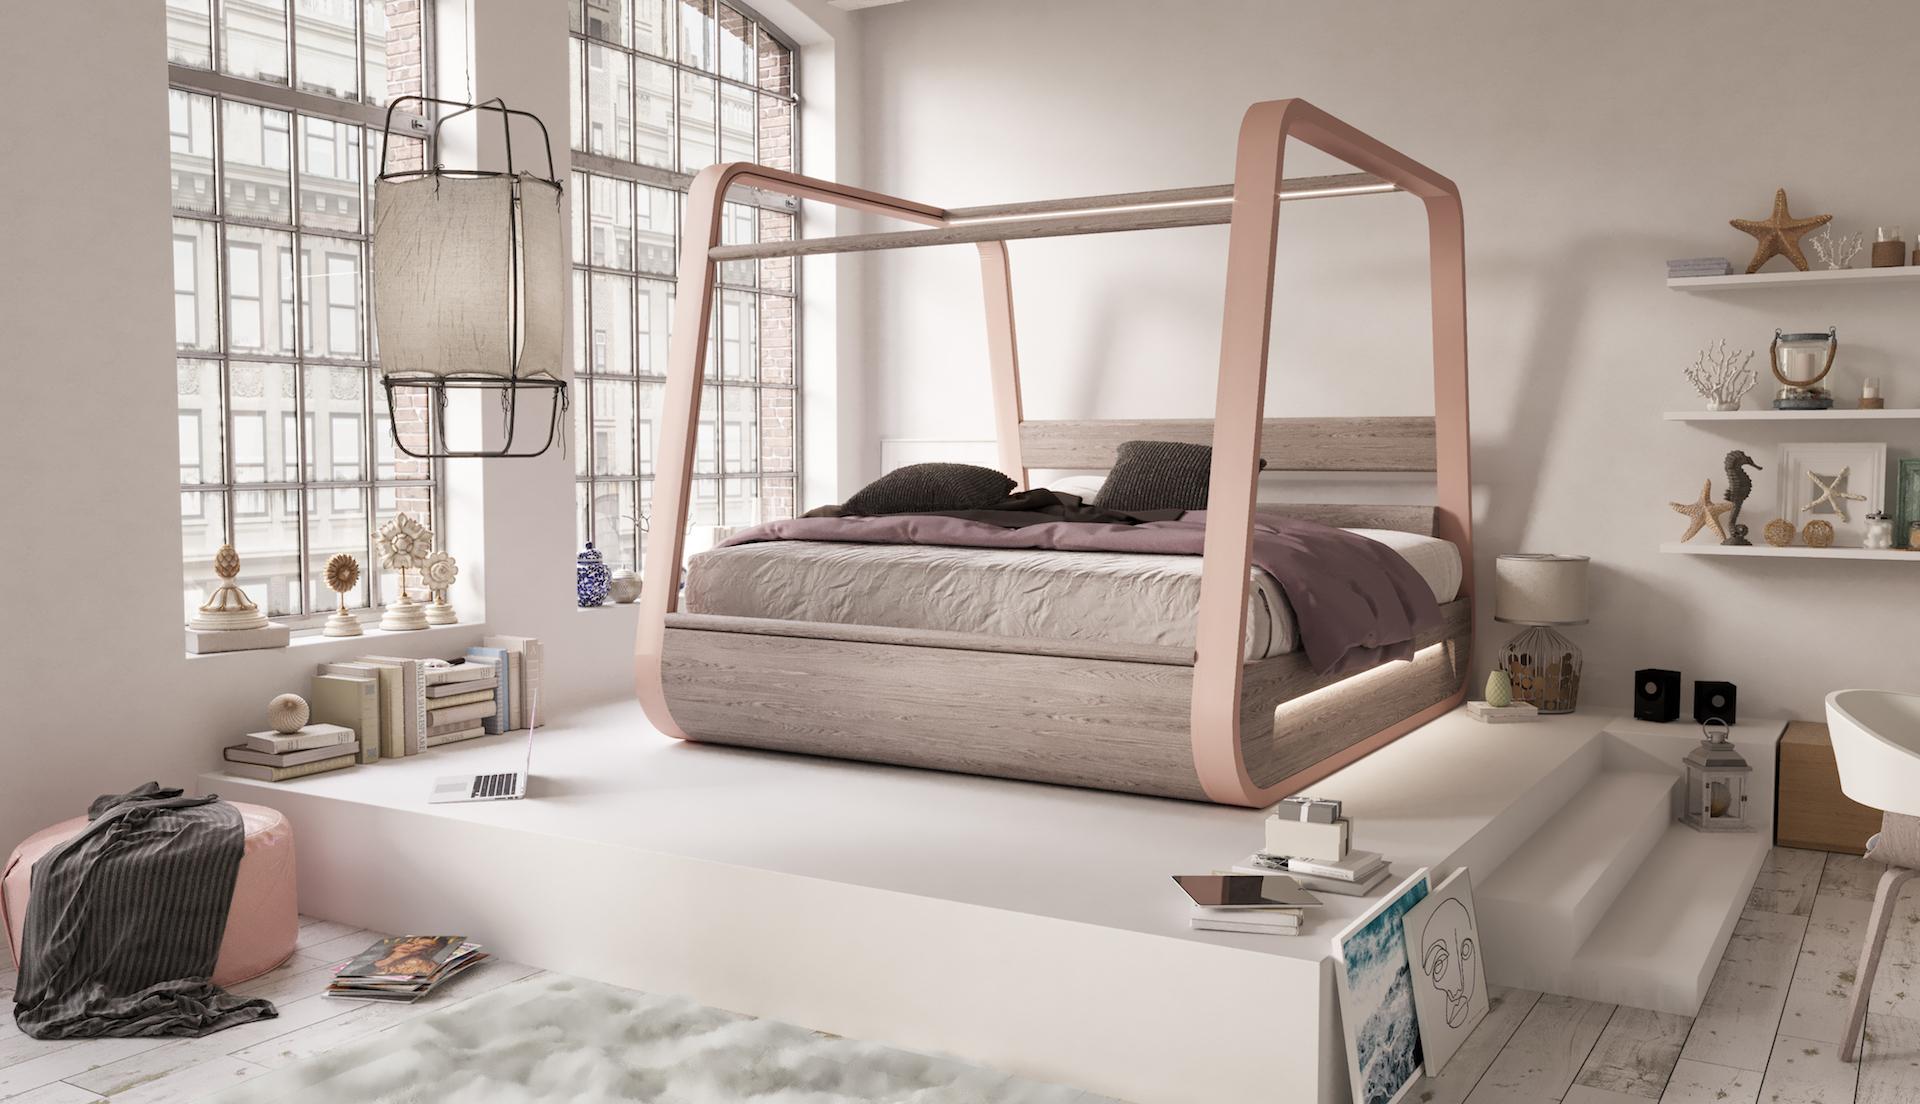 Dit bed is de grote droom van elke film en game liefhebber5